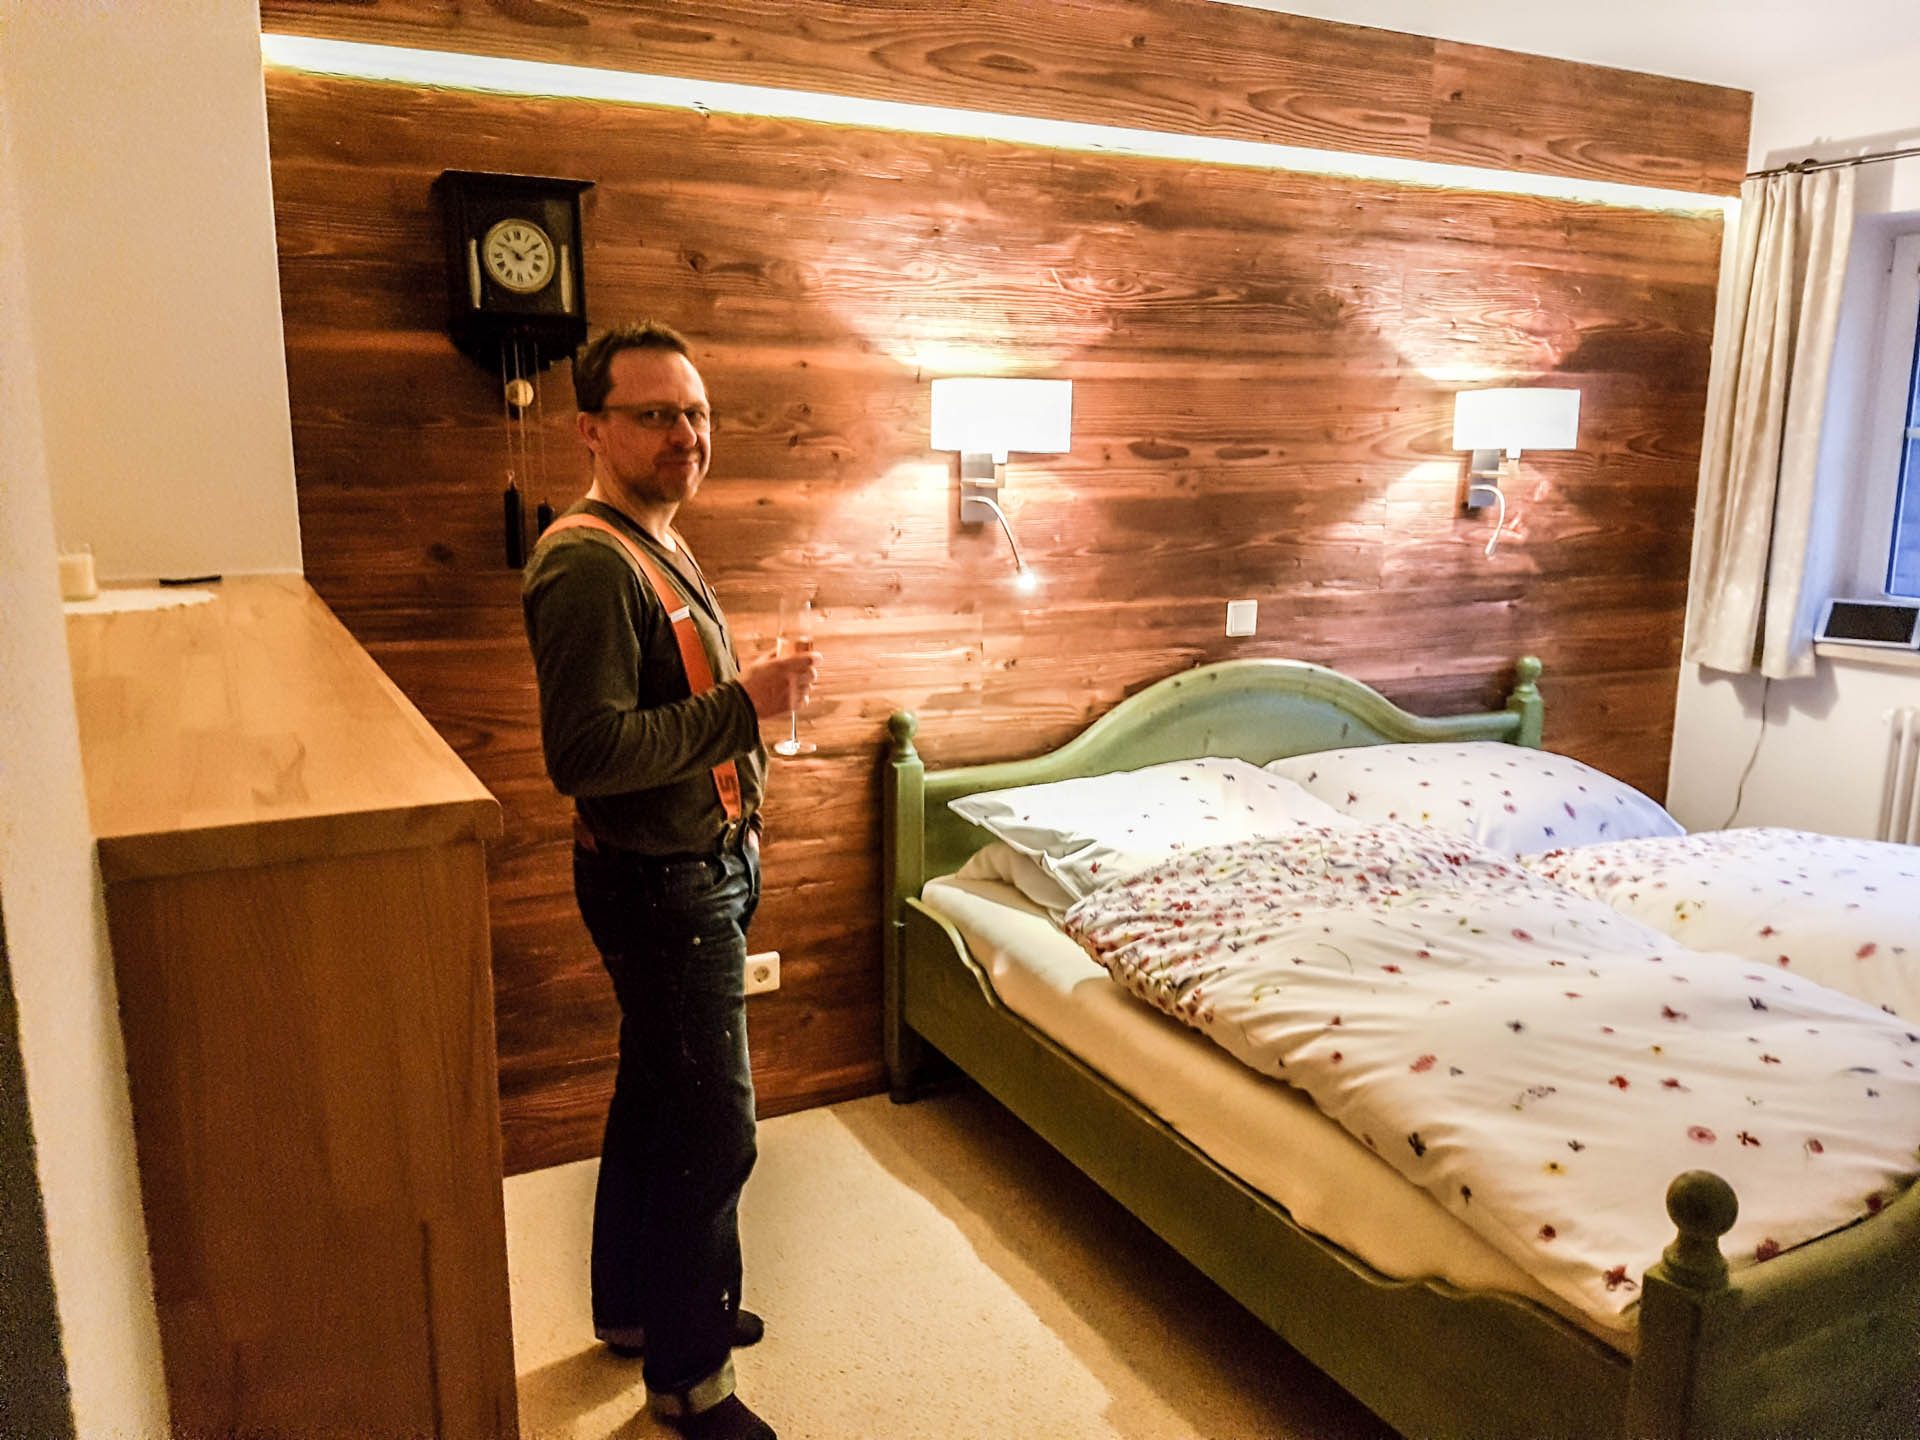 altholz schlafzimmer. Black Bedroom Furniture Sets. Home Design Ideas